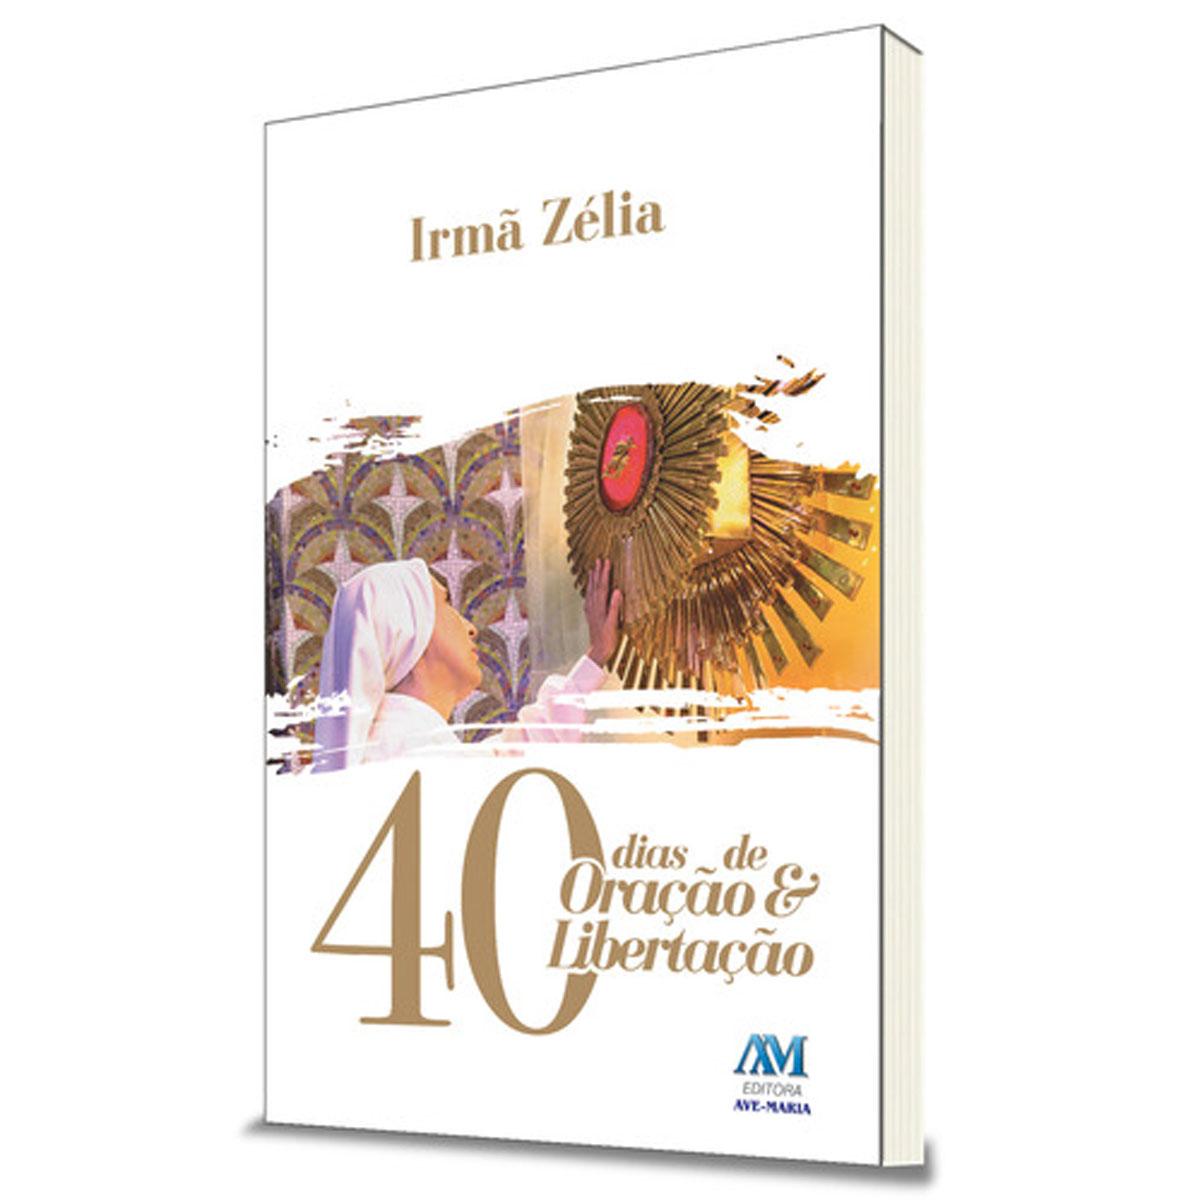 Livro 40 Dias de Oração e Libertação